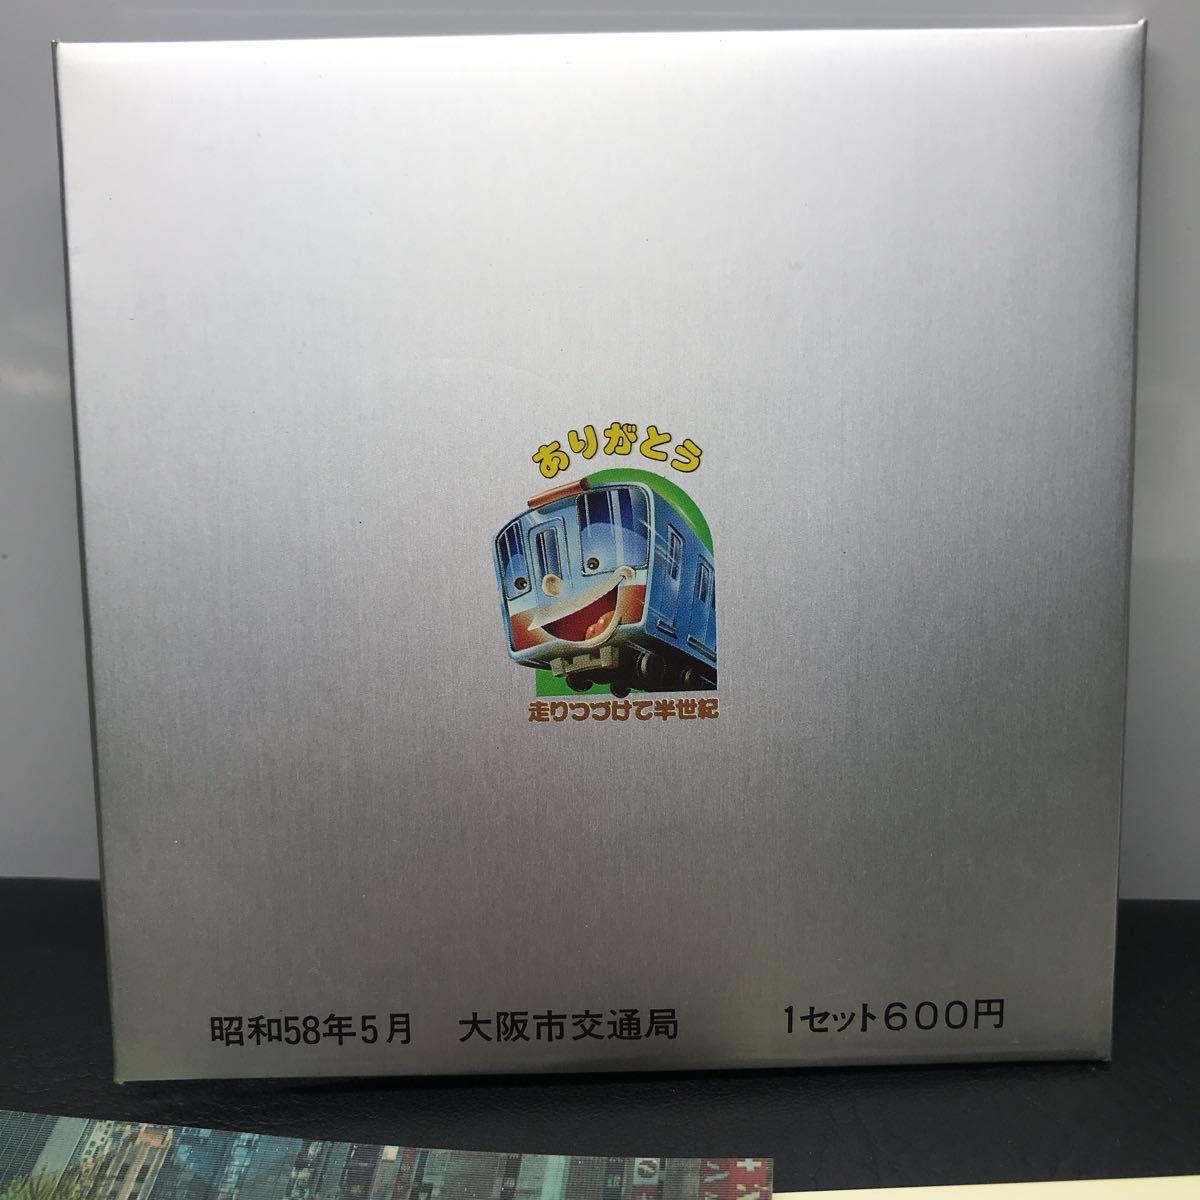 1111 大阪市交通局 地下鉄開通50周年記念乗車券 昭和58年 4枚 当時物 コレクション 鉄道資料_画像8